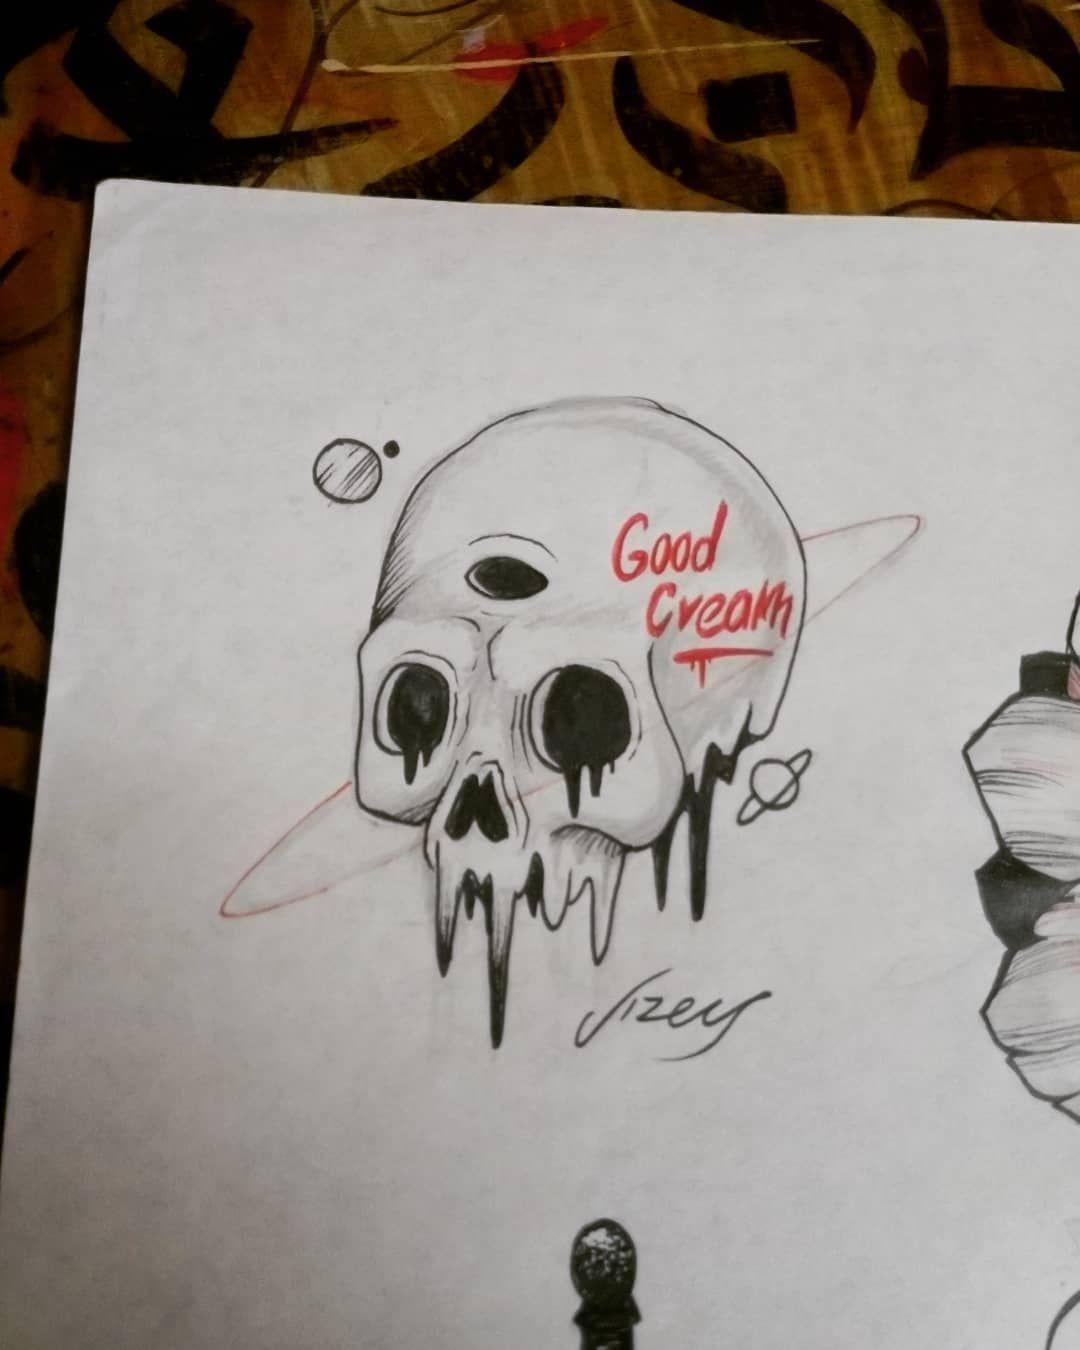 Craneo planetario💀🌑 . . #art#blackwork#arte#ink #dibujo#design#diseño#draw#INK#darkart#darkartists #drawing#ilustration#myart #artes#ilustracion#ilustração #black#darkartist #instaart #tattoo #tattoos #tatuagem #fineart #inkdrawing #inkedup #psychedelic #macabreart #skulltattoo #skull